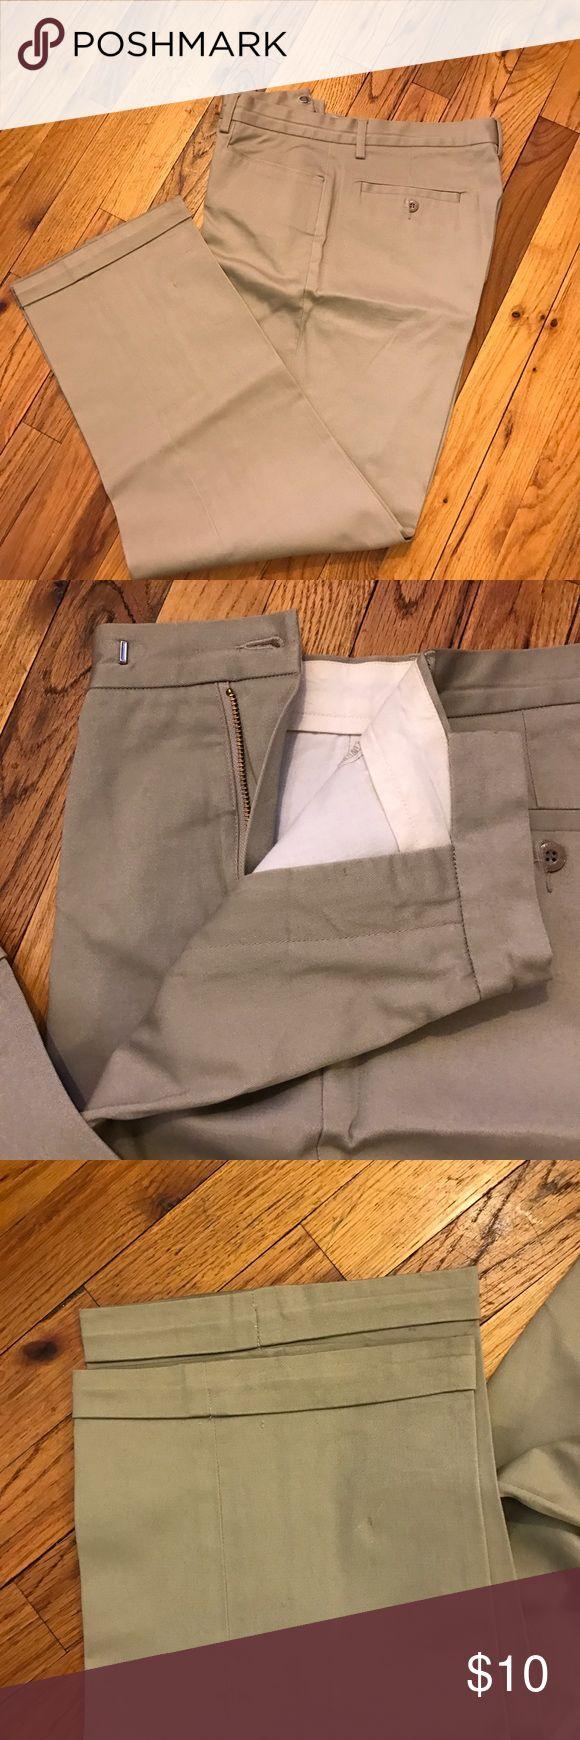 Guess men's khaki pants Pre-owned. Guess khaki pants size 34. Guess Pants Chinos & Khakis